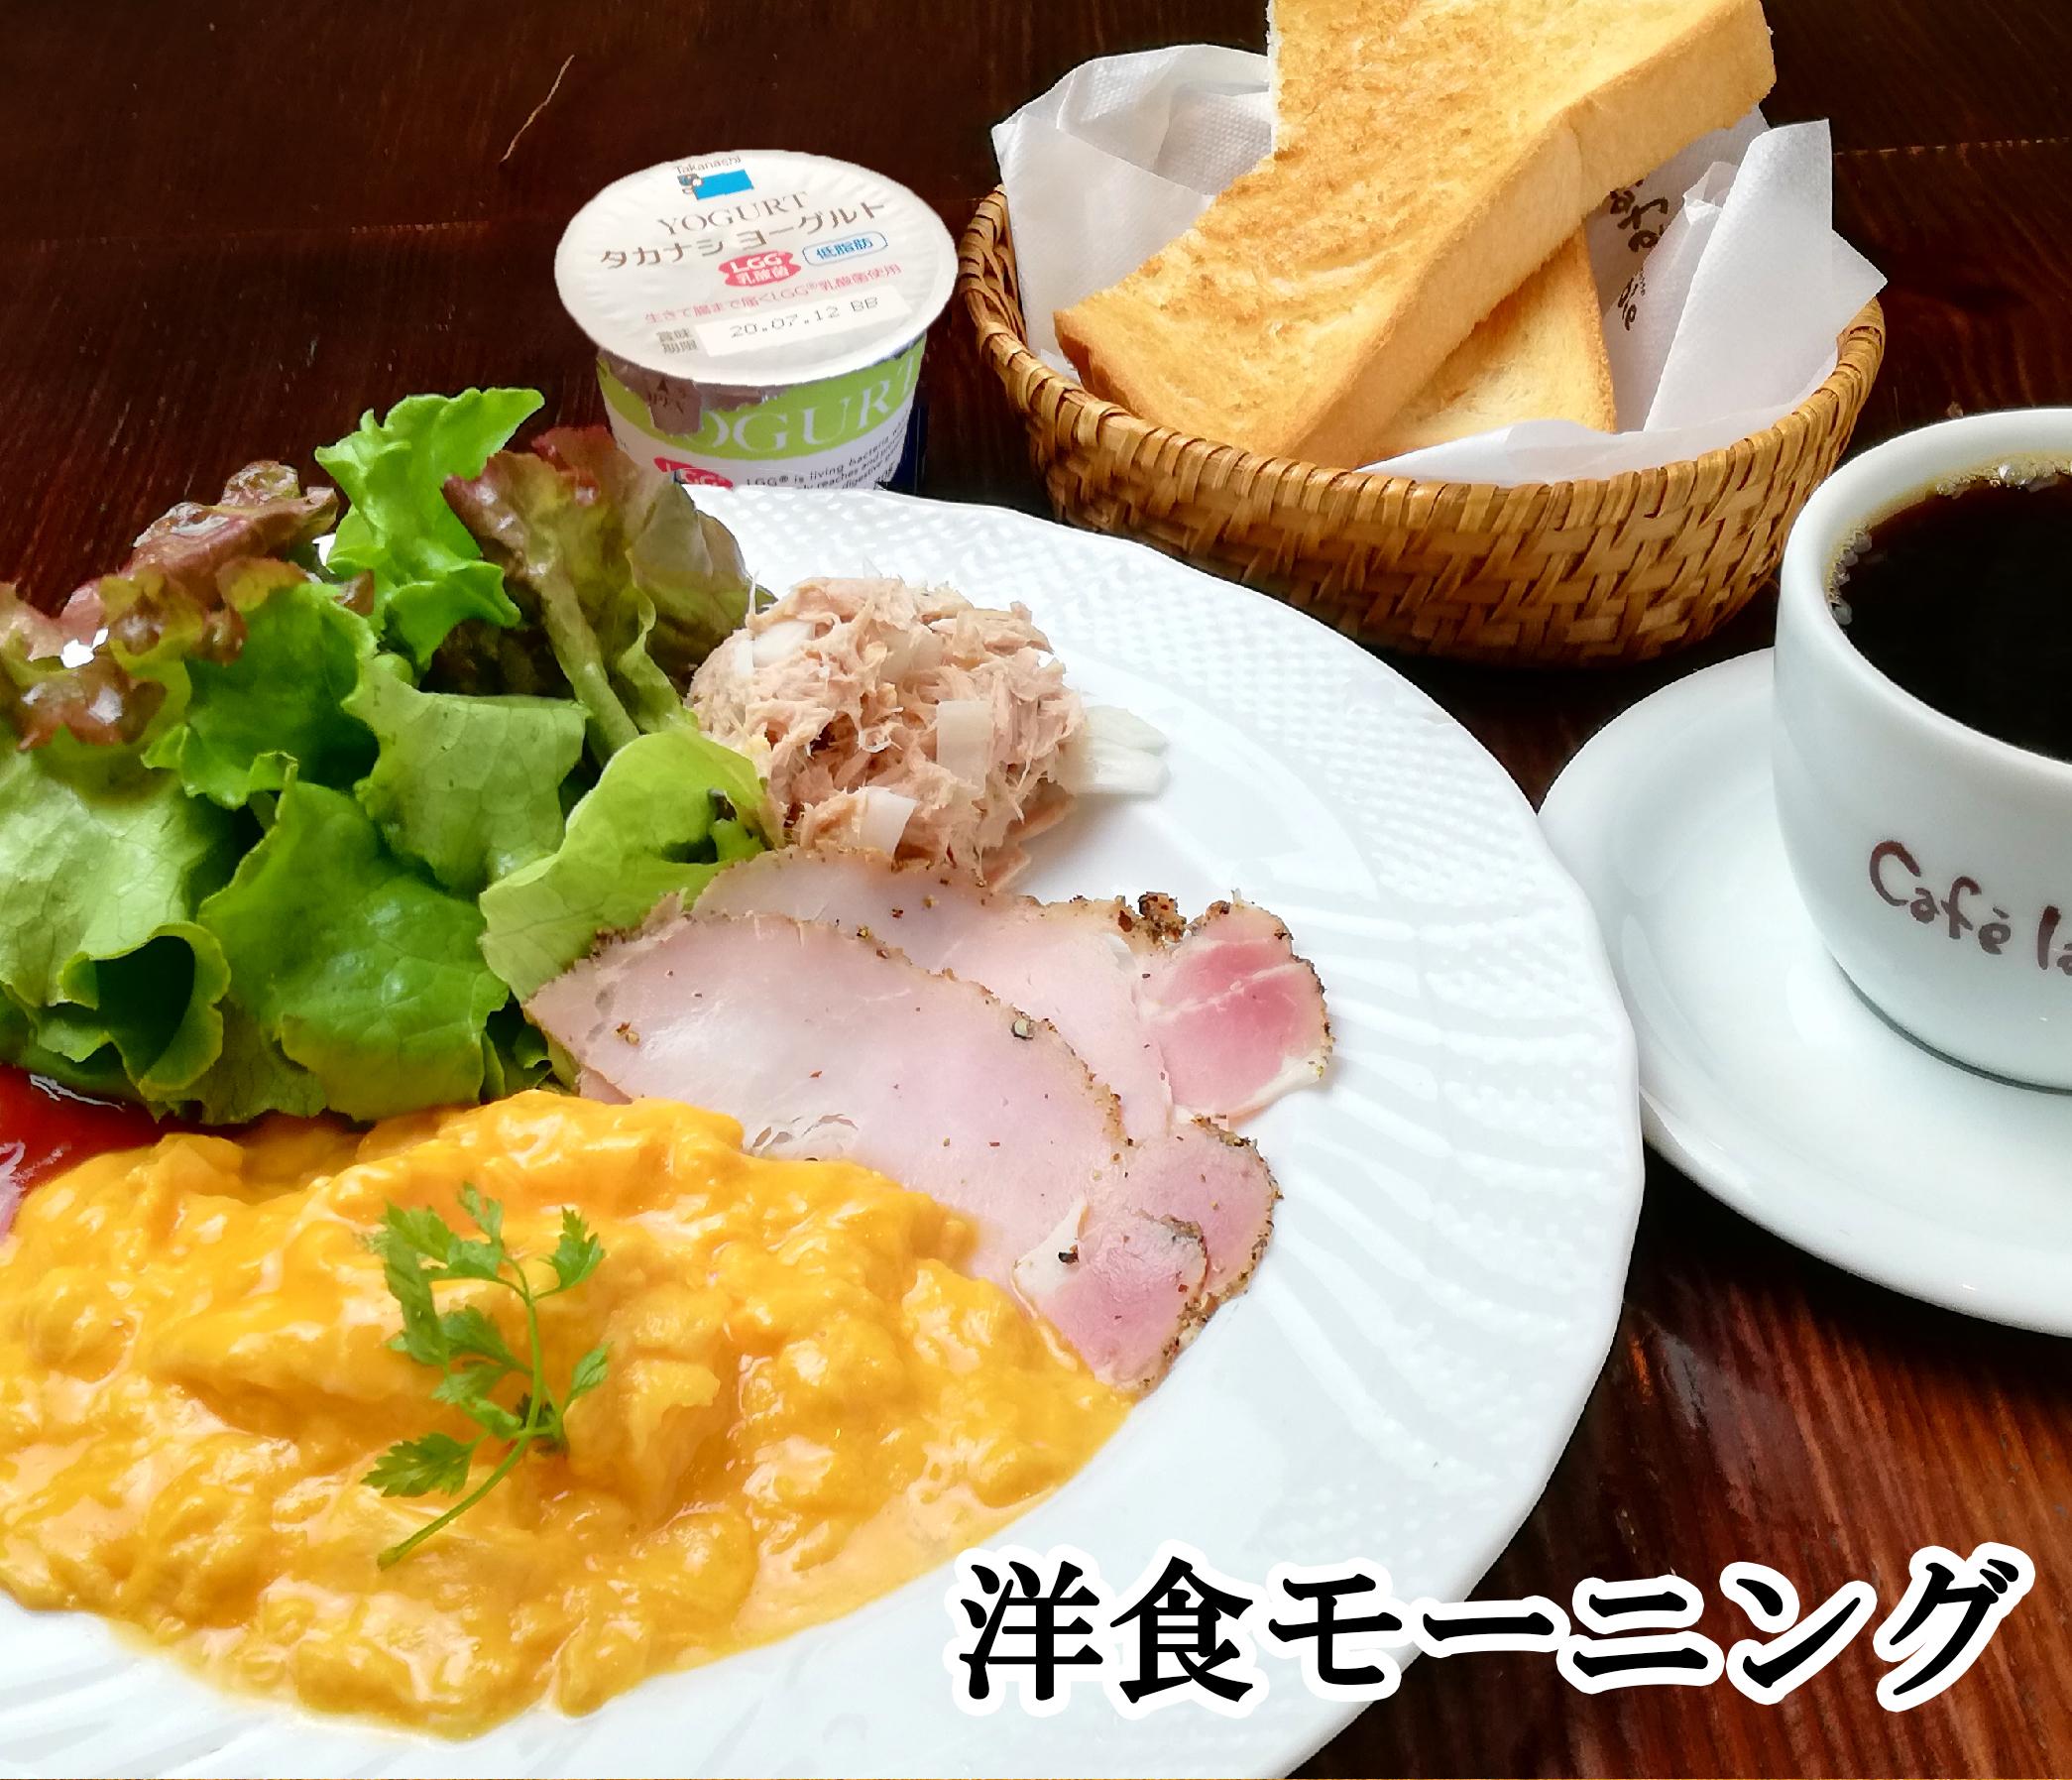 【最大50%OFF】コロナにまけるな!免疫力UPの選べる朝食付きプラン